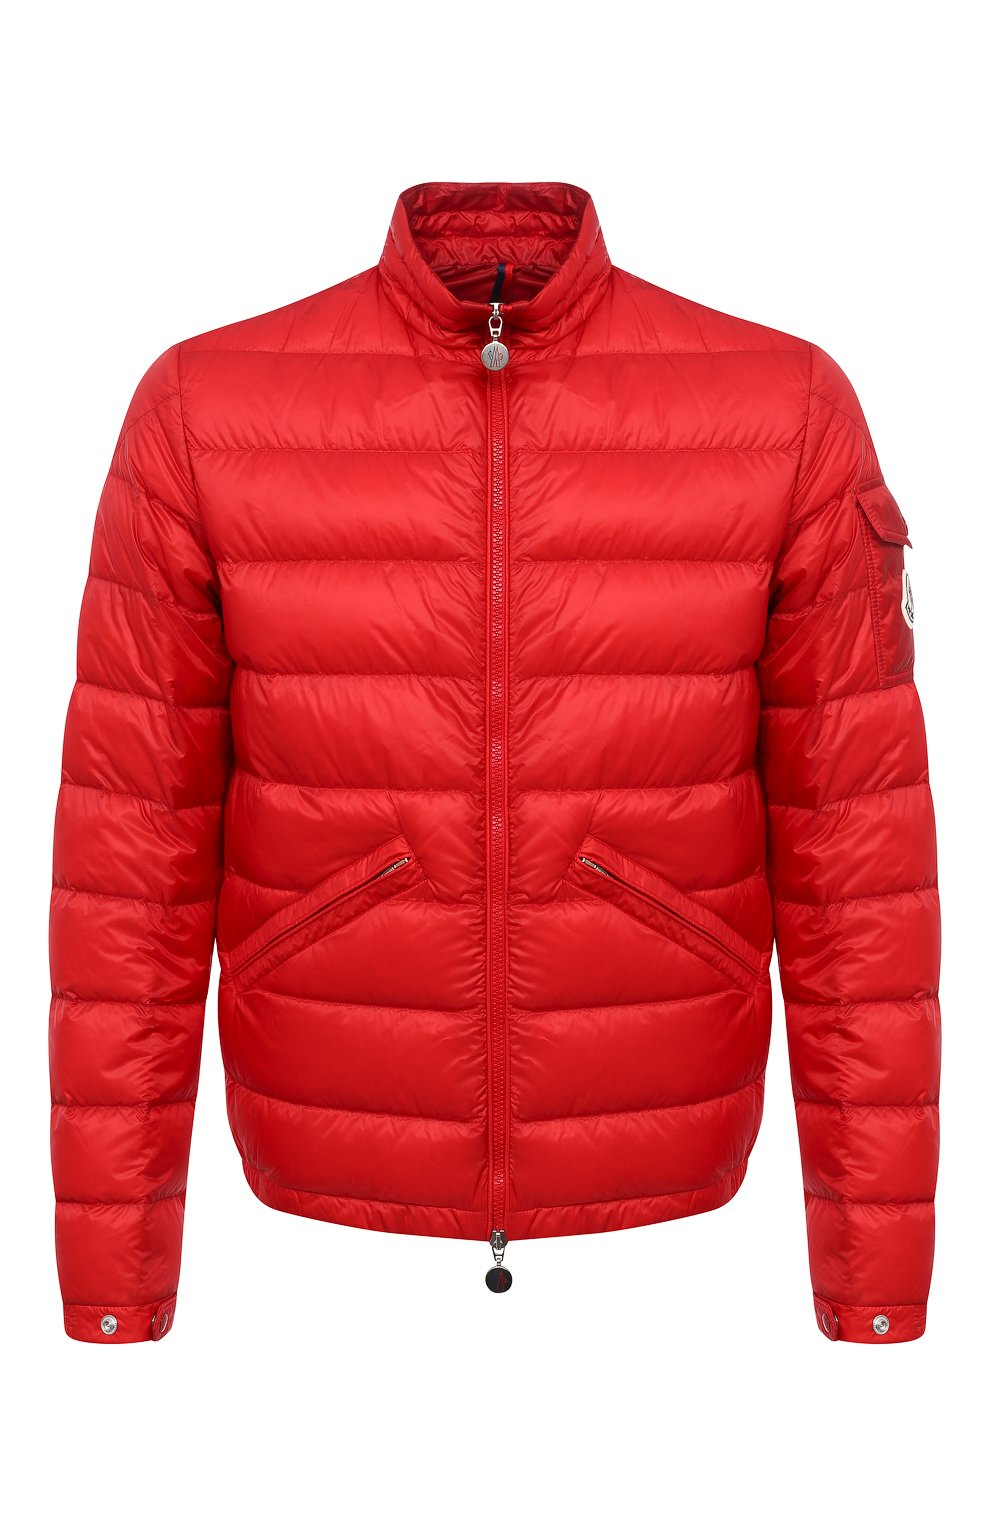 Мужская пуховая куртка agay MONCLER красного цвета, арт. G1-091-1A110-00-53279   Фото 1 (Кросс-КТ: Куртка; Мужское Кросс-КТ: пуховик-короткий; Рукава: Длинные; Материал внешний: Синтетический материал; Материал подклада: Синтетический материал; Длина (верхняя одежда): Короткие; Стили: Кэжуэл)